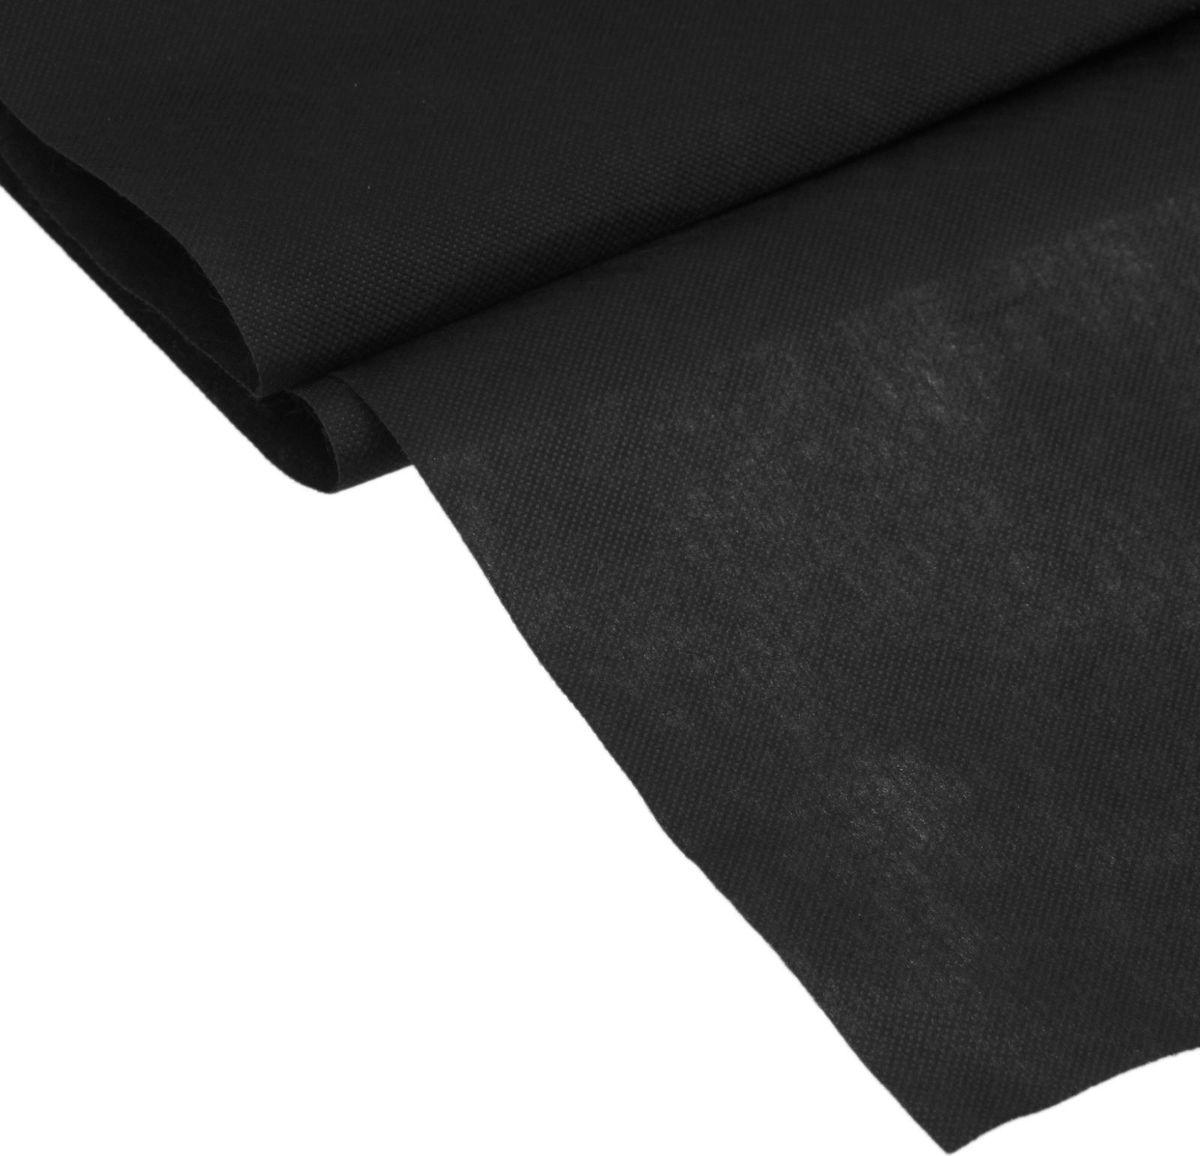 Материал укрывной Агротекс, цвет: черный, 10 х 3,2 м 6935771124418Многофункциональность, надёжность и высокое качество — вот отличительные черты укрывного материала «Агротекс». Позаботьтесь о своих посадках заранее! Укрывной материал можно использовать на грядках.Благодаря специально разработанной текстуре он обеспечит надёжную защиту даже самых ранних побегов от: заморозковсолнечных ожоговхолодной росыдождейптиц и грызунов. Он создаёт мягкий, комфортный микроклимат, который способствует росту и развитию рассады. Благодаря новейшим разработкам укрывной материал удерживает влагу, и растения реже нуждаются в поливе. Ближе к зиме опытные садоводы укутывают им стволы деревьев, теплицы и грядки, чтобы исключить промерзание земли и корневой системы. Материал «Агротекс» поможет вам ускорить процесс созревания растений, повысит урожайность, сэкономит средства и силы по уходу за садом.